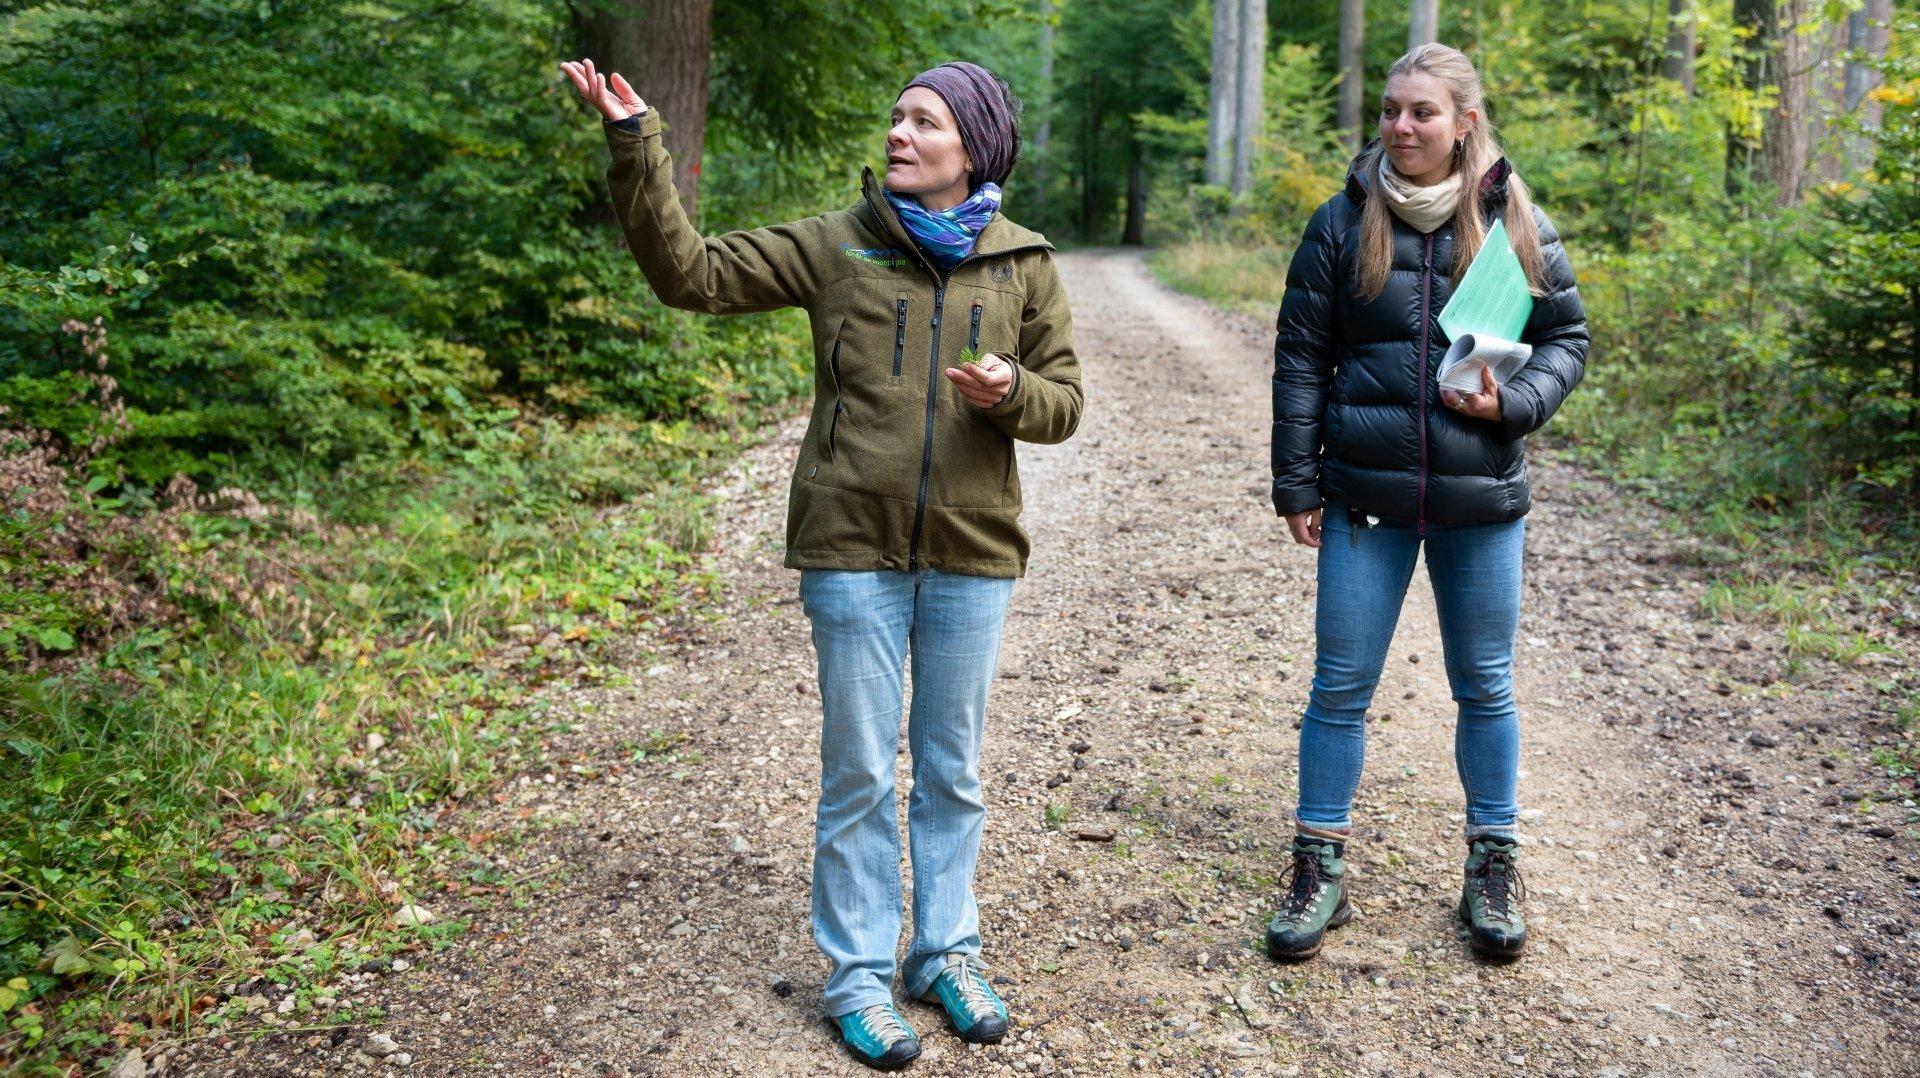 Gloria Locatelli et Laure Oberli (gauche à droite), respectivement présidente et membre de la Société neuchâteloise des forestiers (SFN), présentent le contour des sorties thématiques dans les hauteurs de Bevaix.